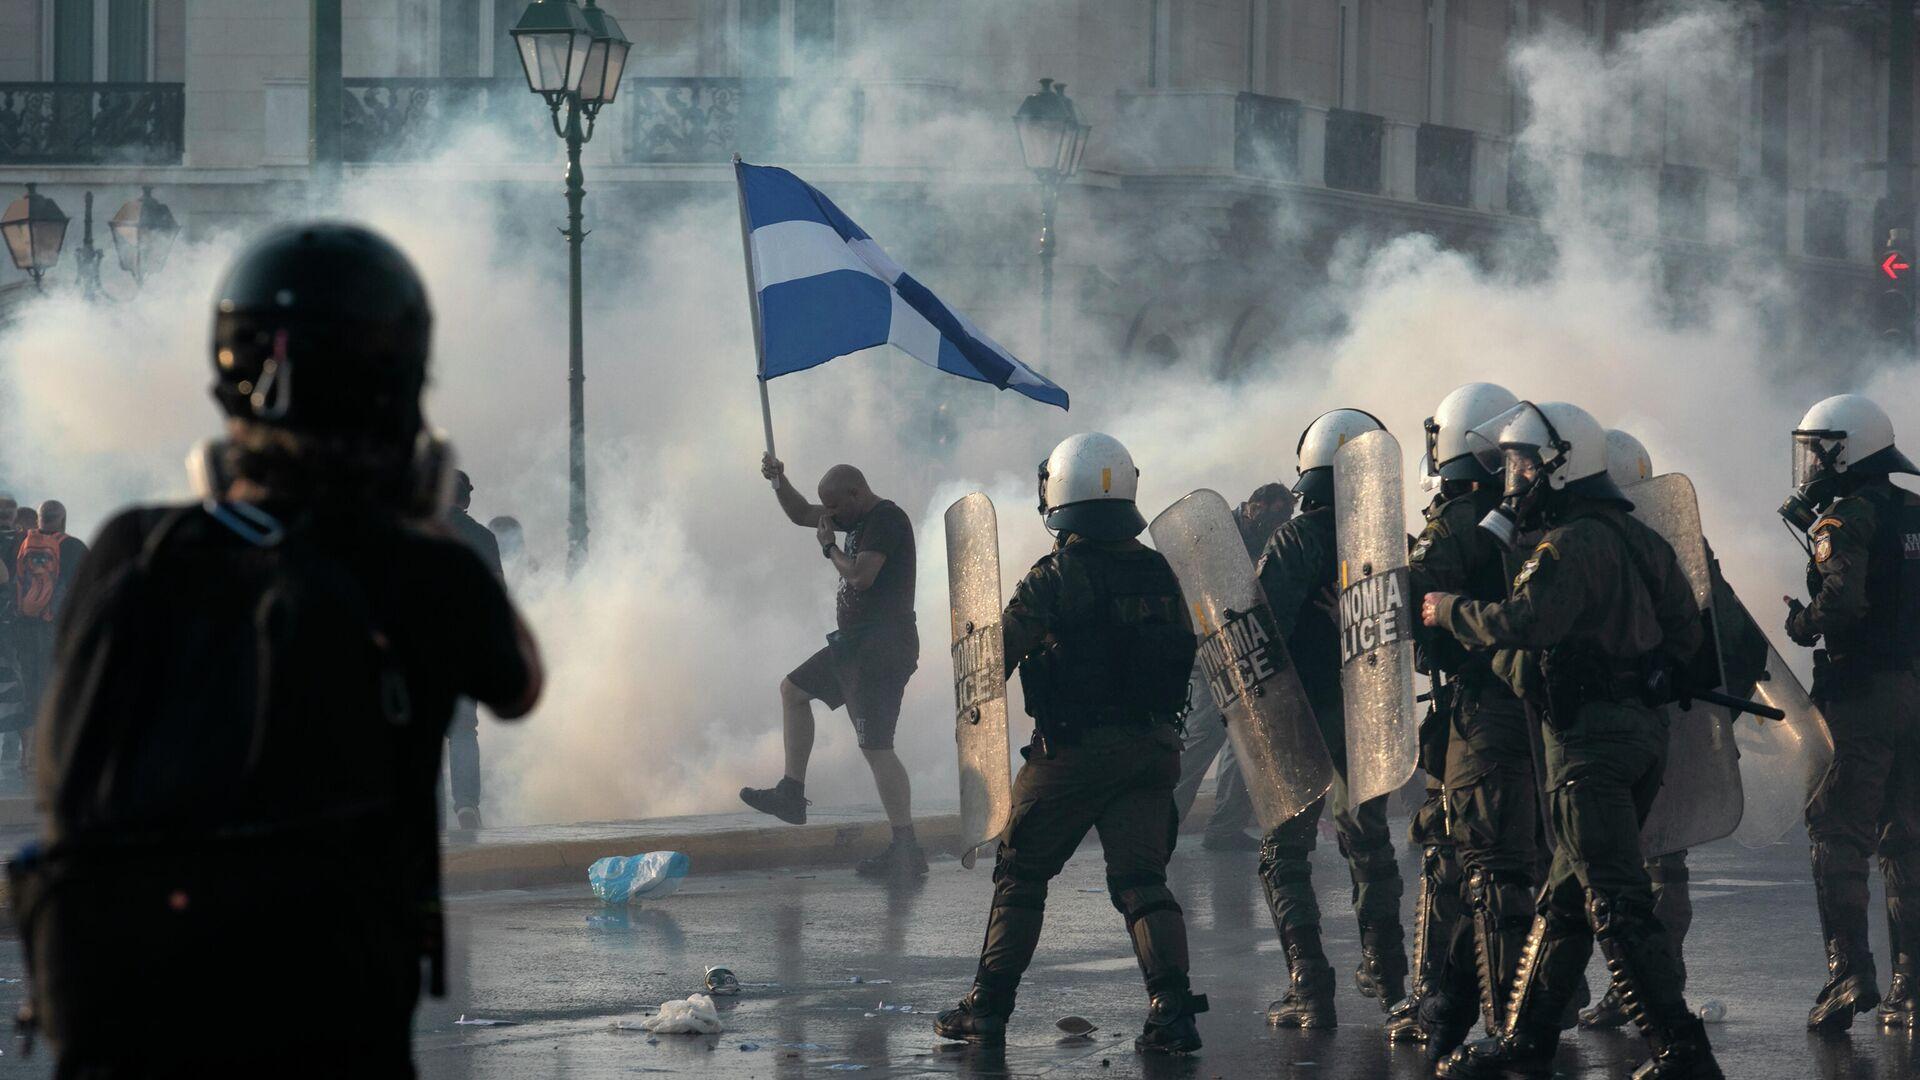 На митинге против принудительной вакцинации в Афинах применили газ